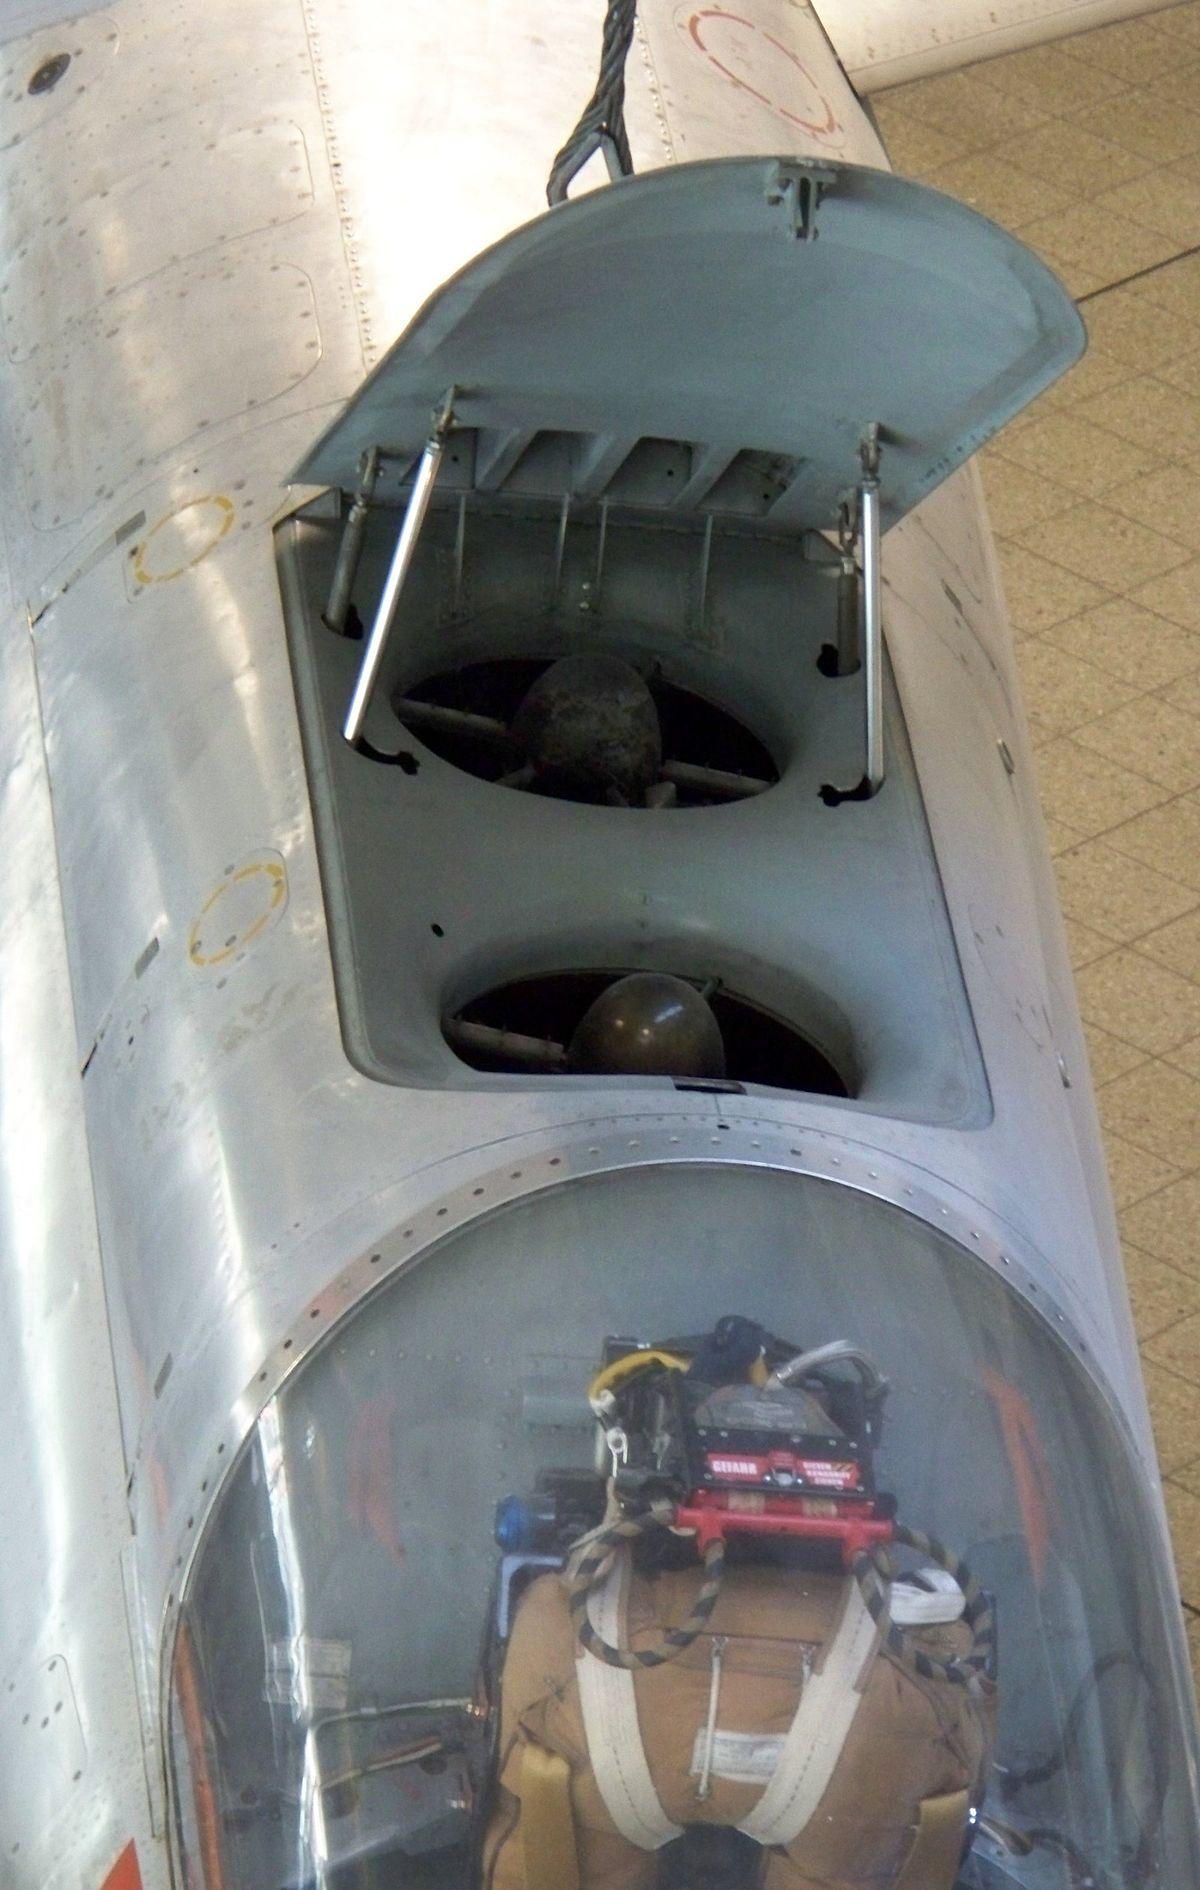 Px Ewr Vj Triebwerk Oben on Engine Intake